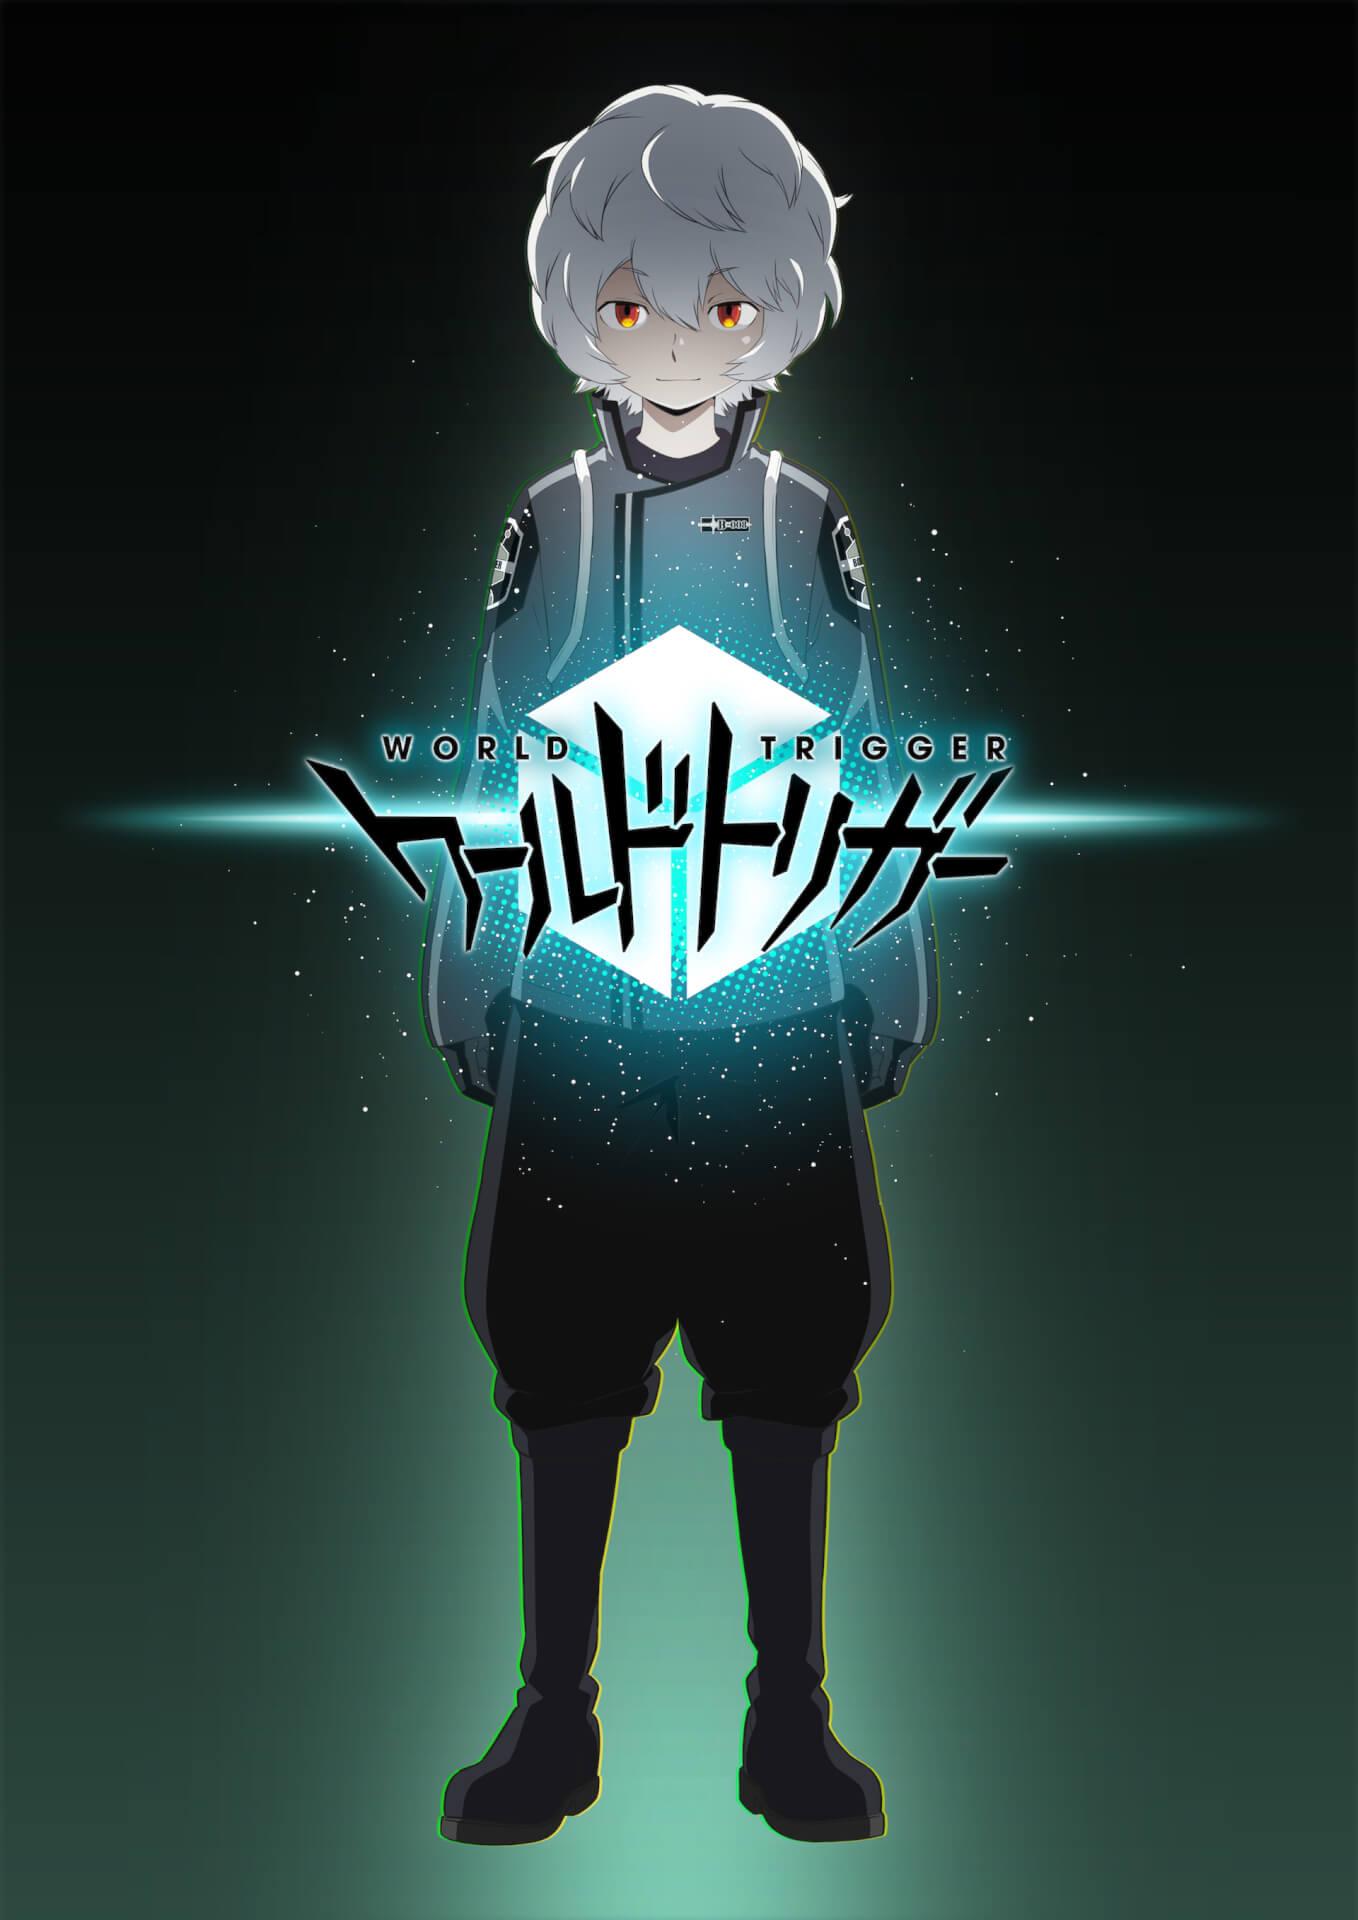 TVアニメ『ワールドトリガー』の2ndシーズンが土曜深夜「NUMAnimation」枠で放送決定!YouTubeチャンネルにて特番生配信も art201023_worldtrigger_1